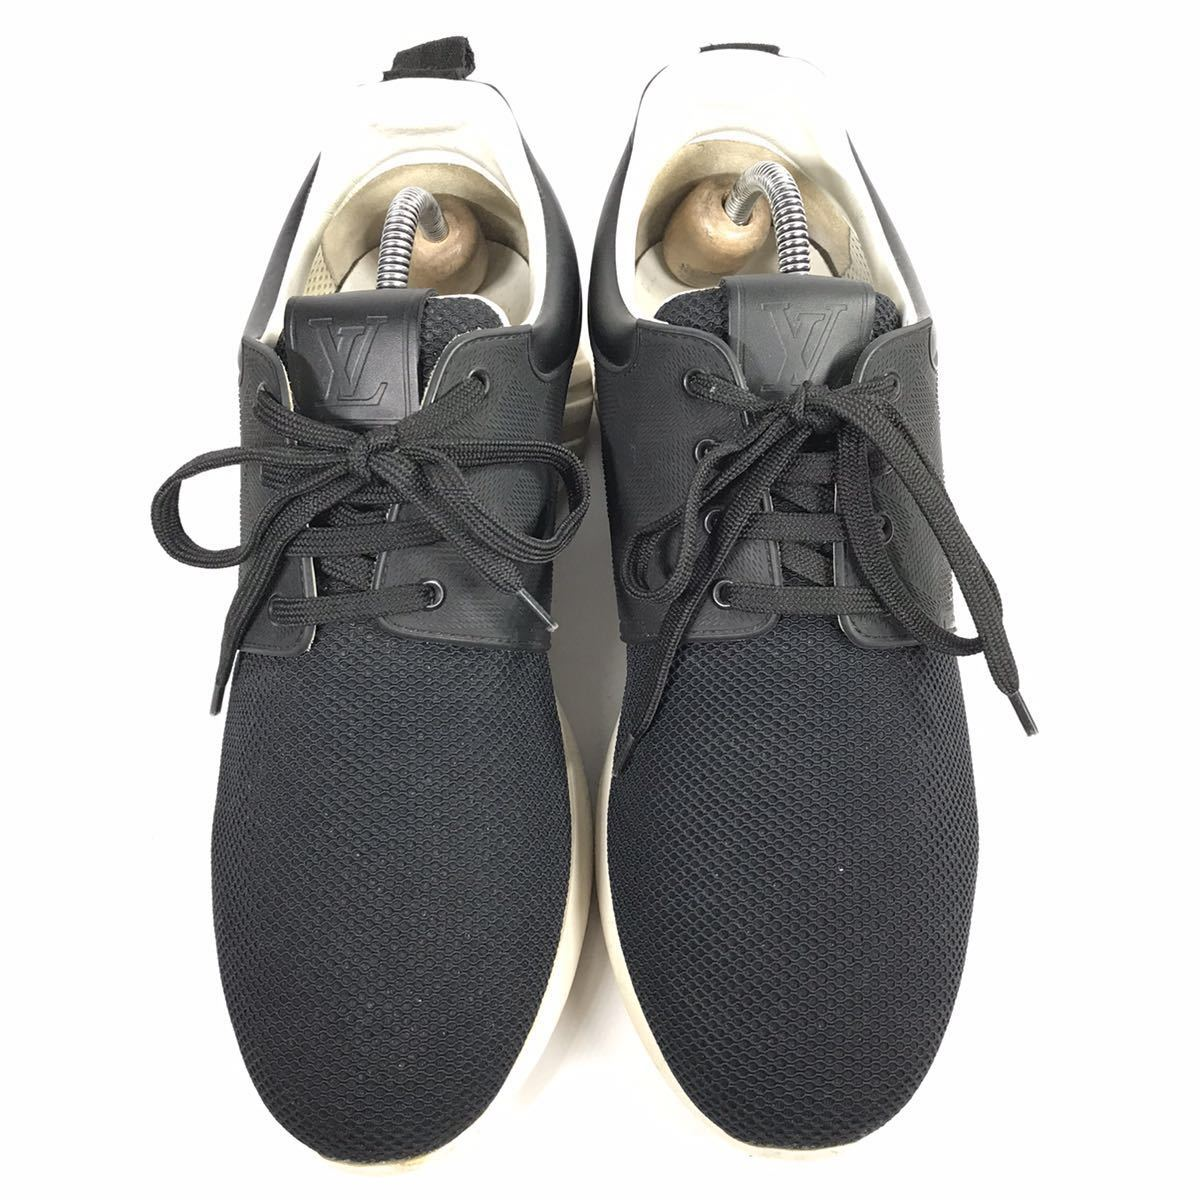 【ルイヴィトン】本物 LOUIS VUITTON 靴 25.5cm 黒 ダミエライン ファストレーン スニーカー カジュアルシューズ レザー×PVC メンズ 6 1/2_画像2